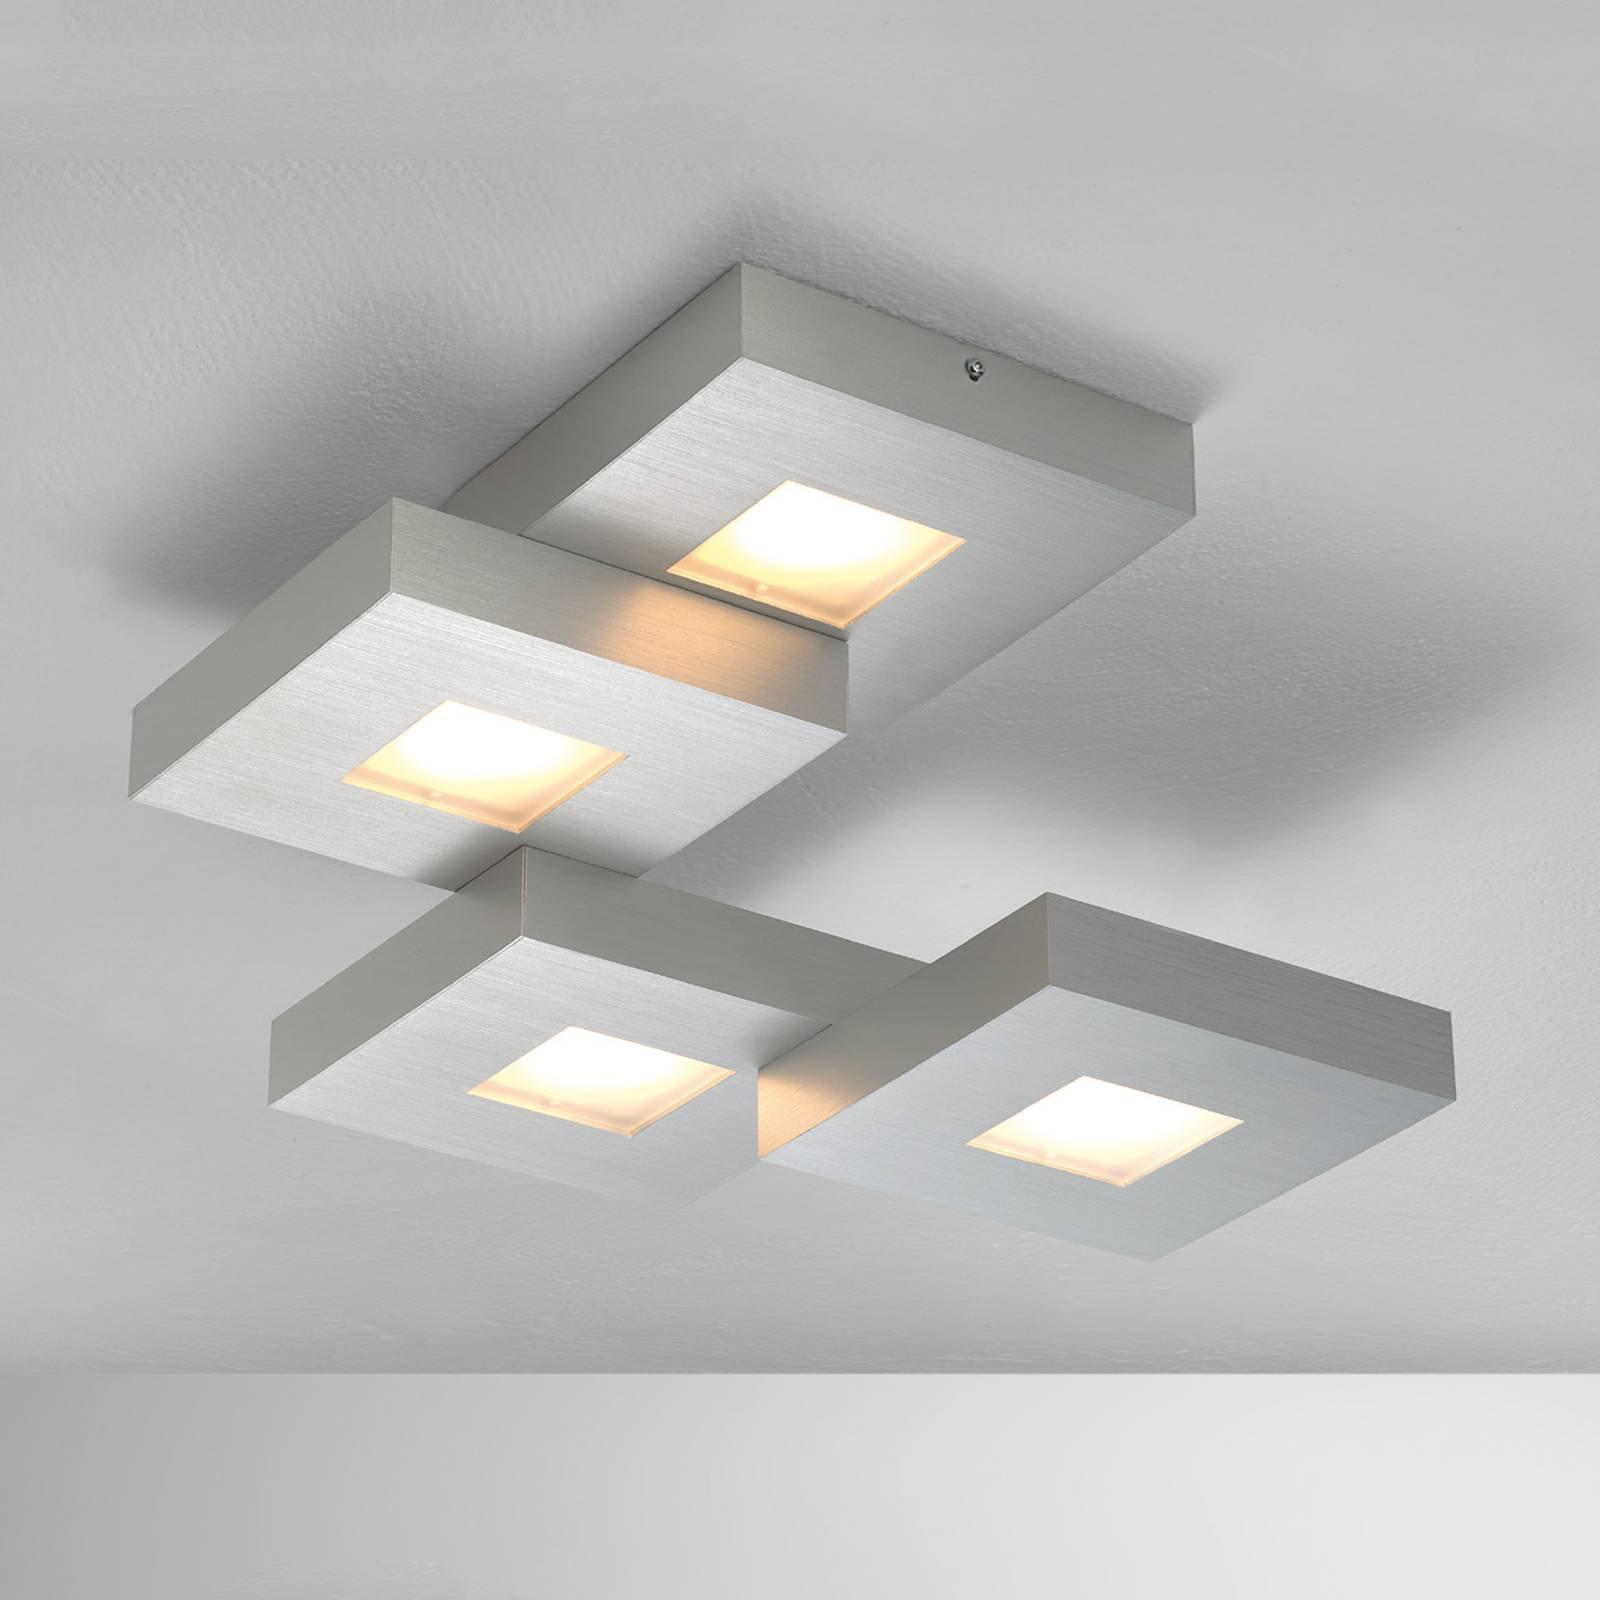 LED-taklampe Cubus med trappeform